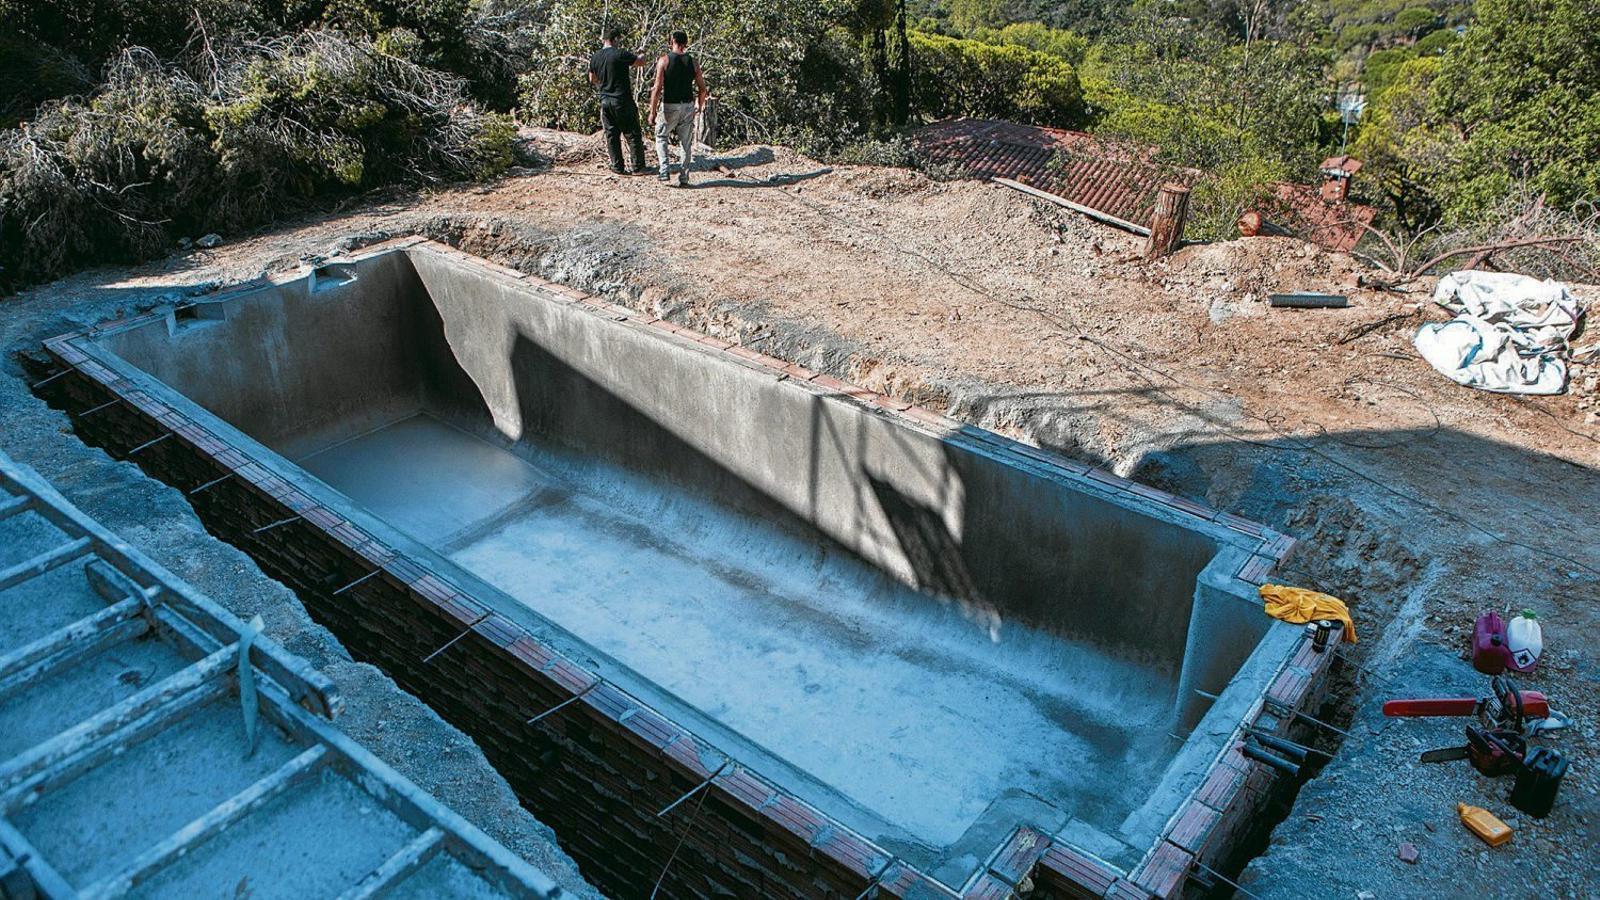 La febre per tenir una piscina a casa creix a barcelona for Piscina de tiana